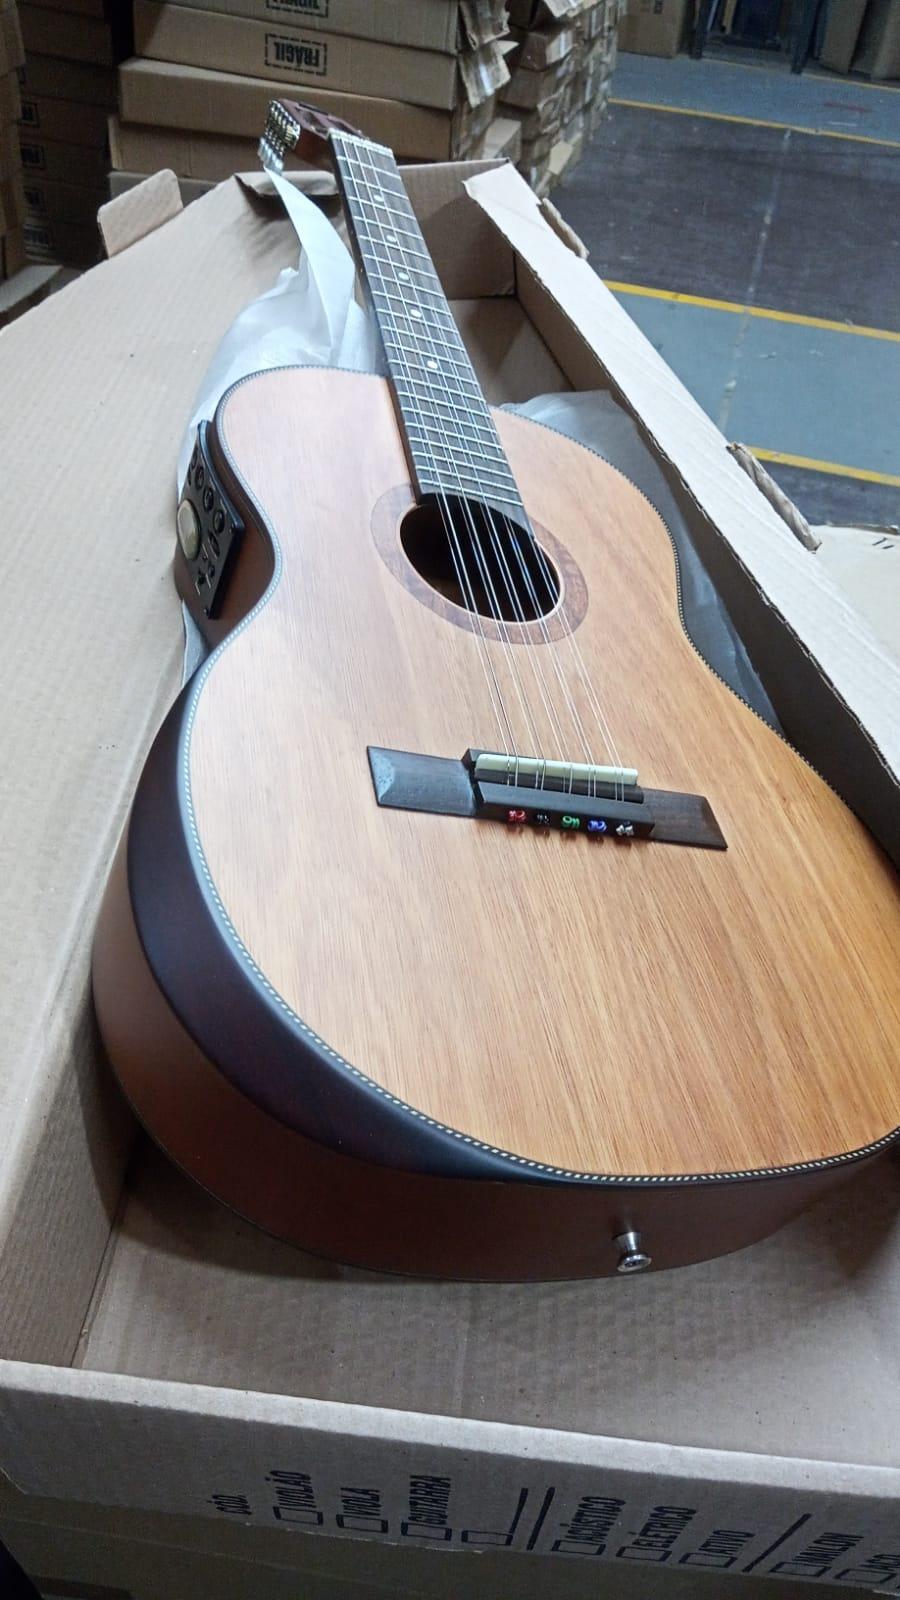 Viola Classica Marques VIL 217